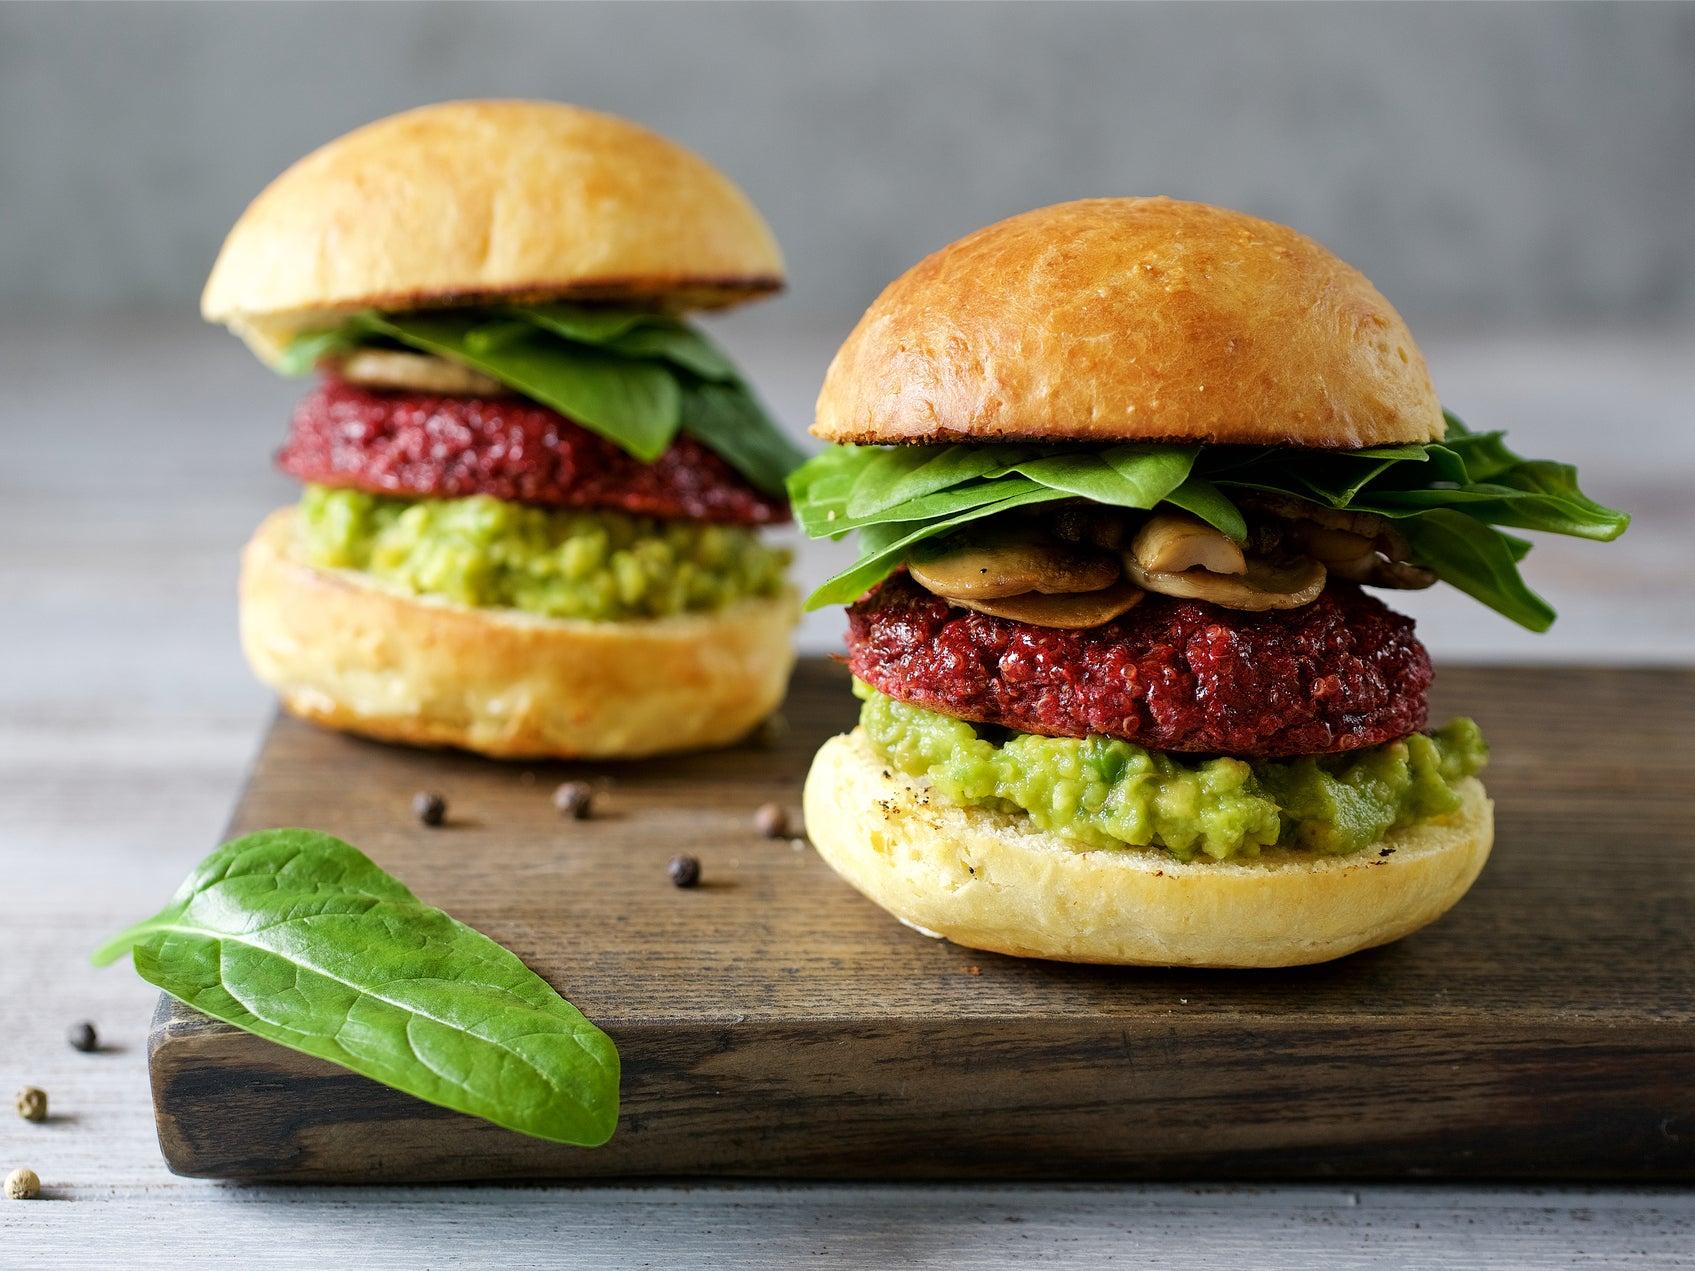 Vegan takeaway orders in UK increase by 388% in two years 1